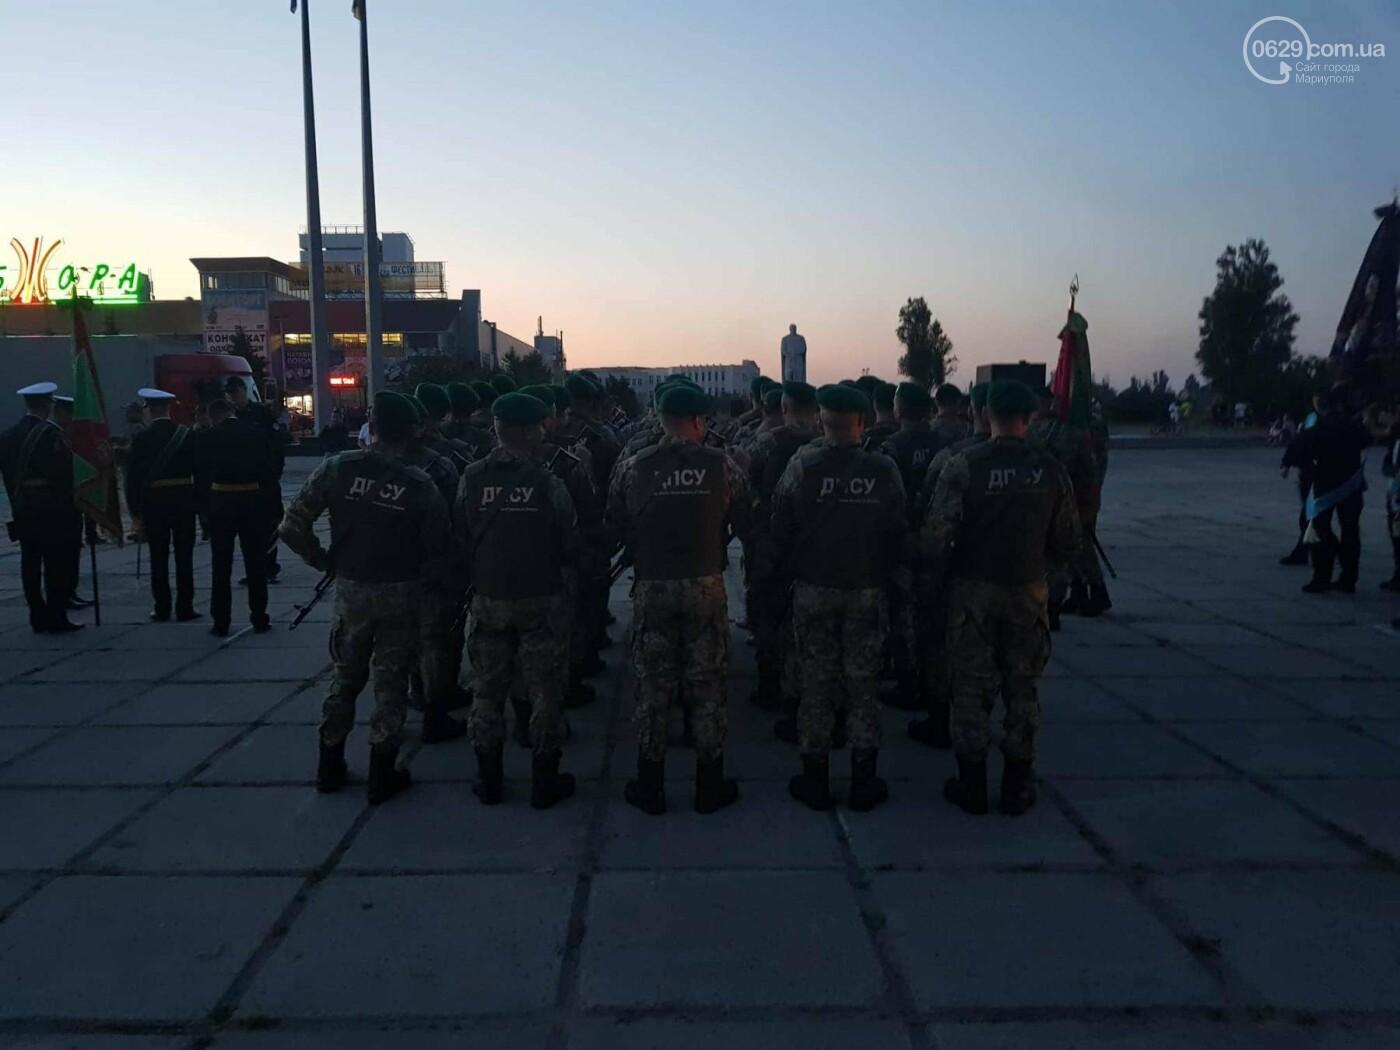 В Мариуполе проходит репетиция парада, - ФОТО, ВИДЕО, фото-1